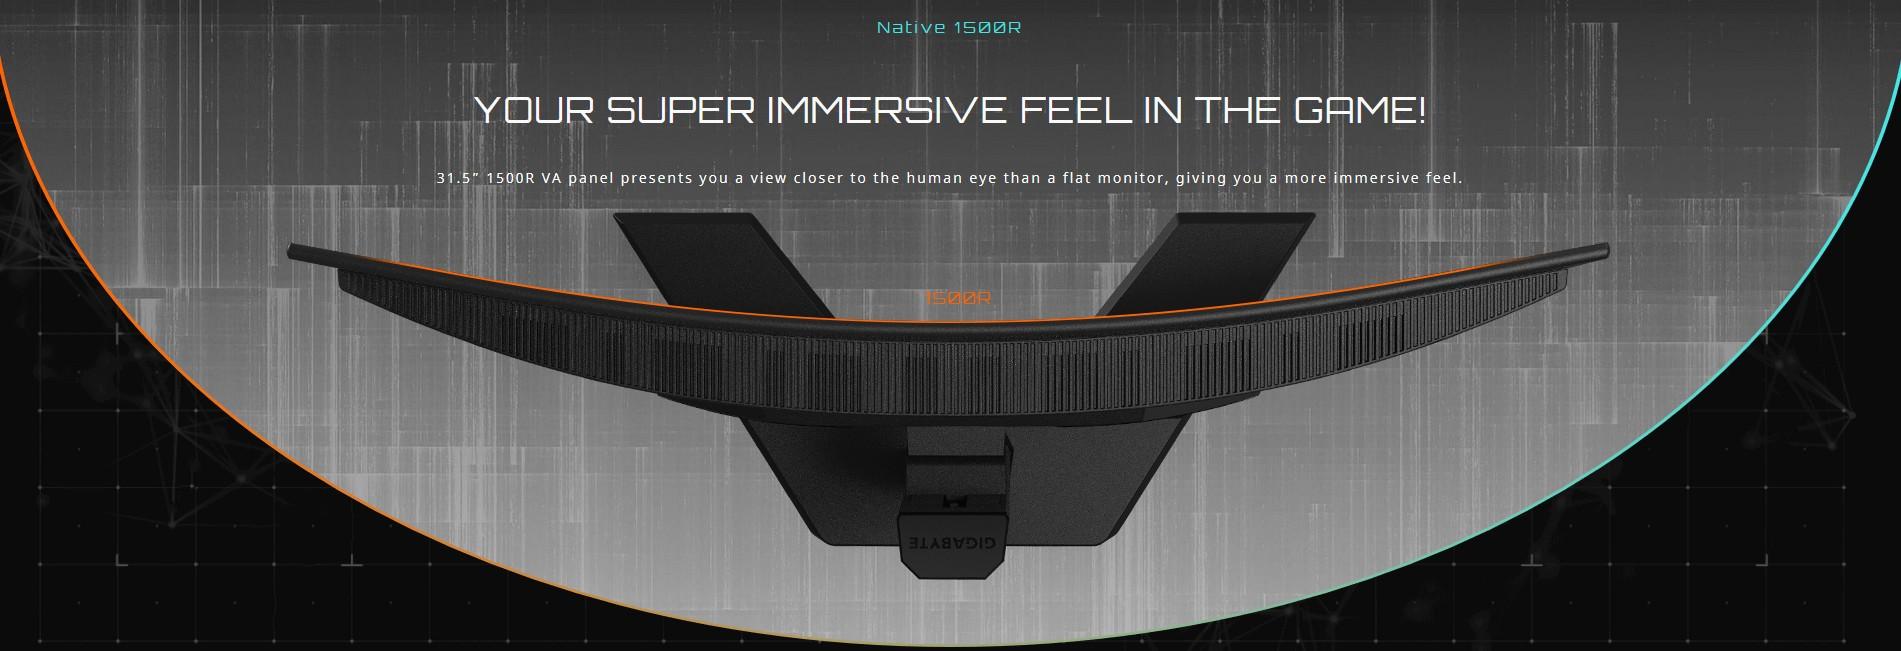 GIGA G32QC đem đến cảm giác siêu nhập vai cho bạn trong trò chơi